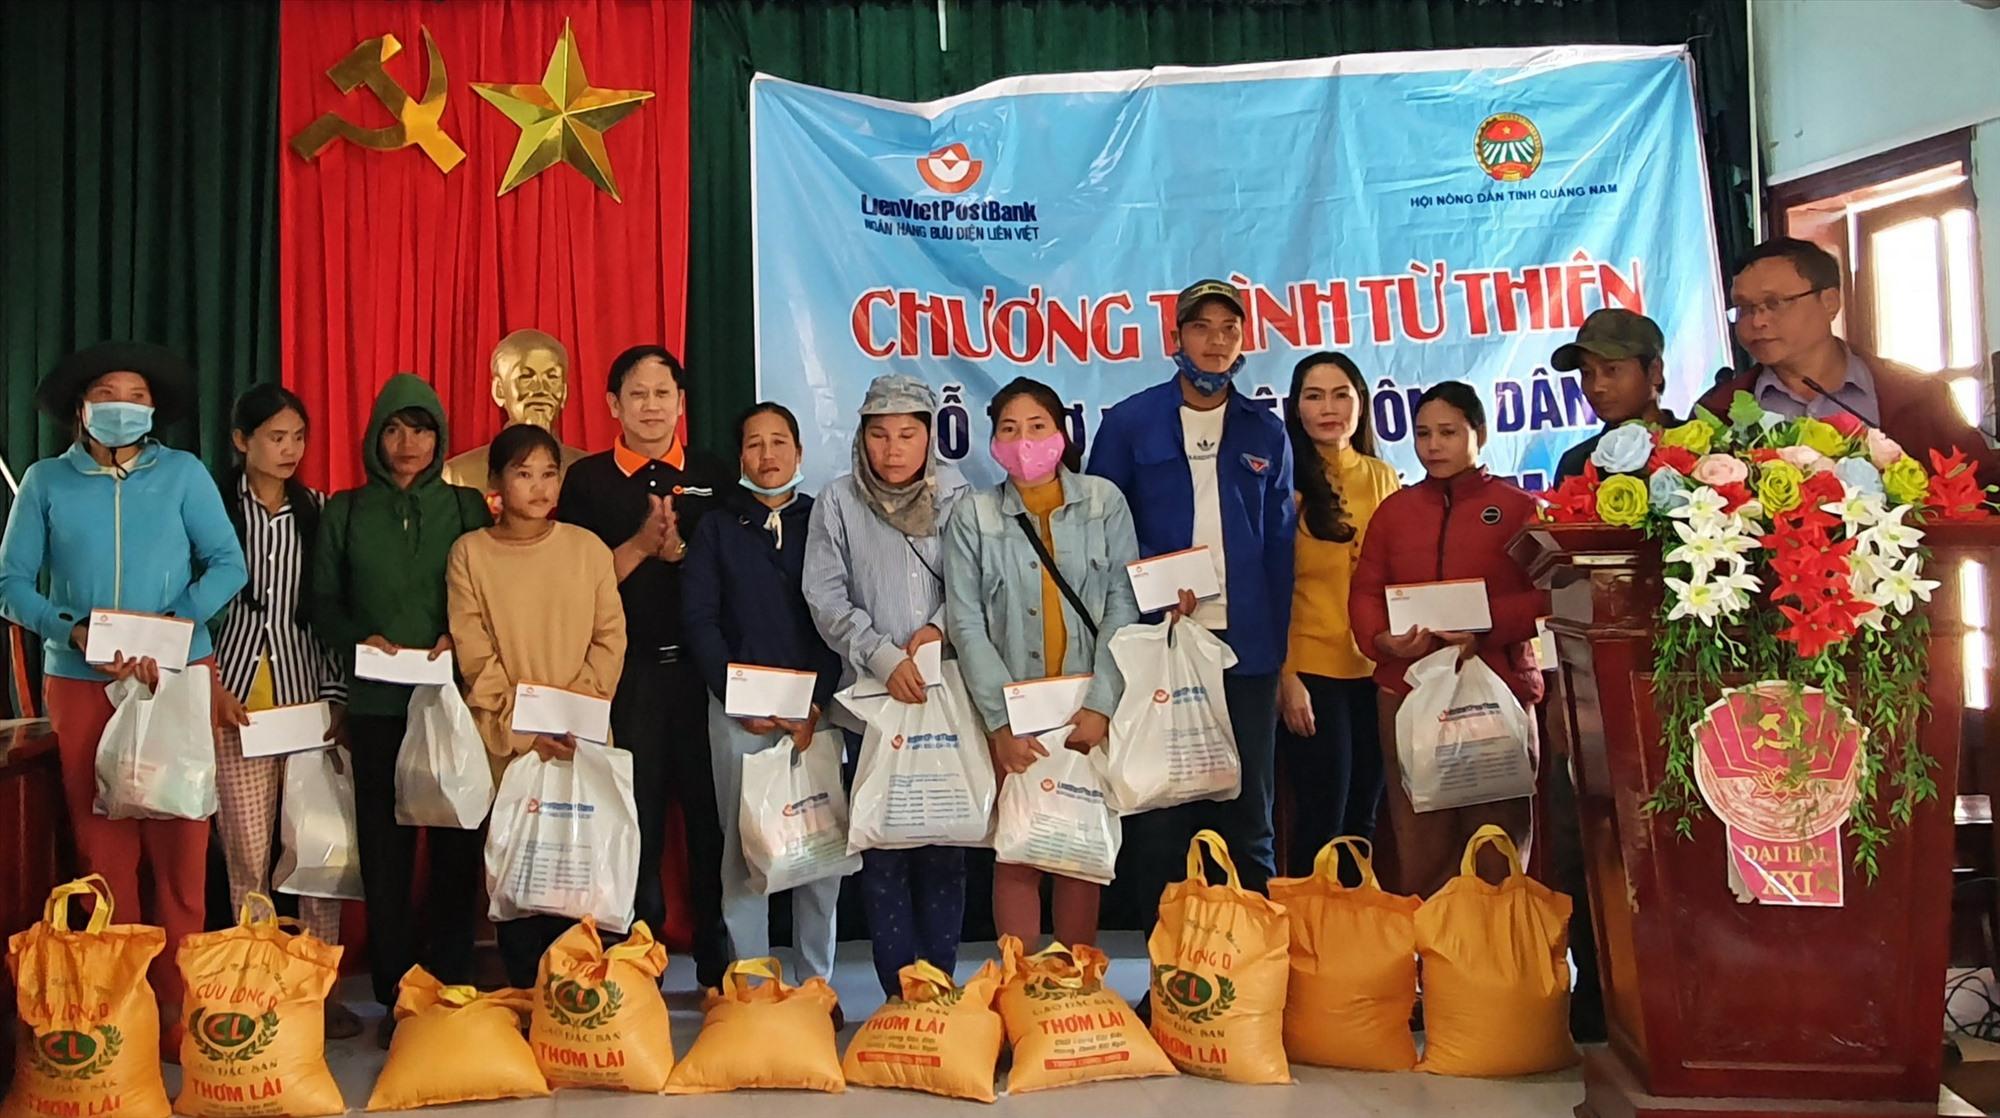 Lãnh đạo Hội Nông dân tỉnh và LienVietPostBank tặng quà tết cho bà con nông dân.